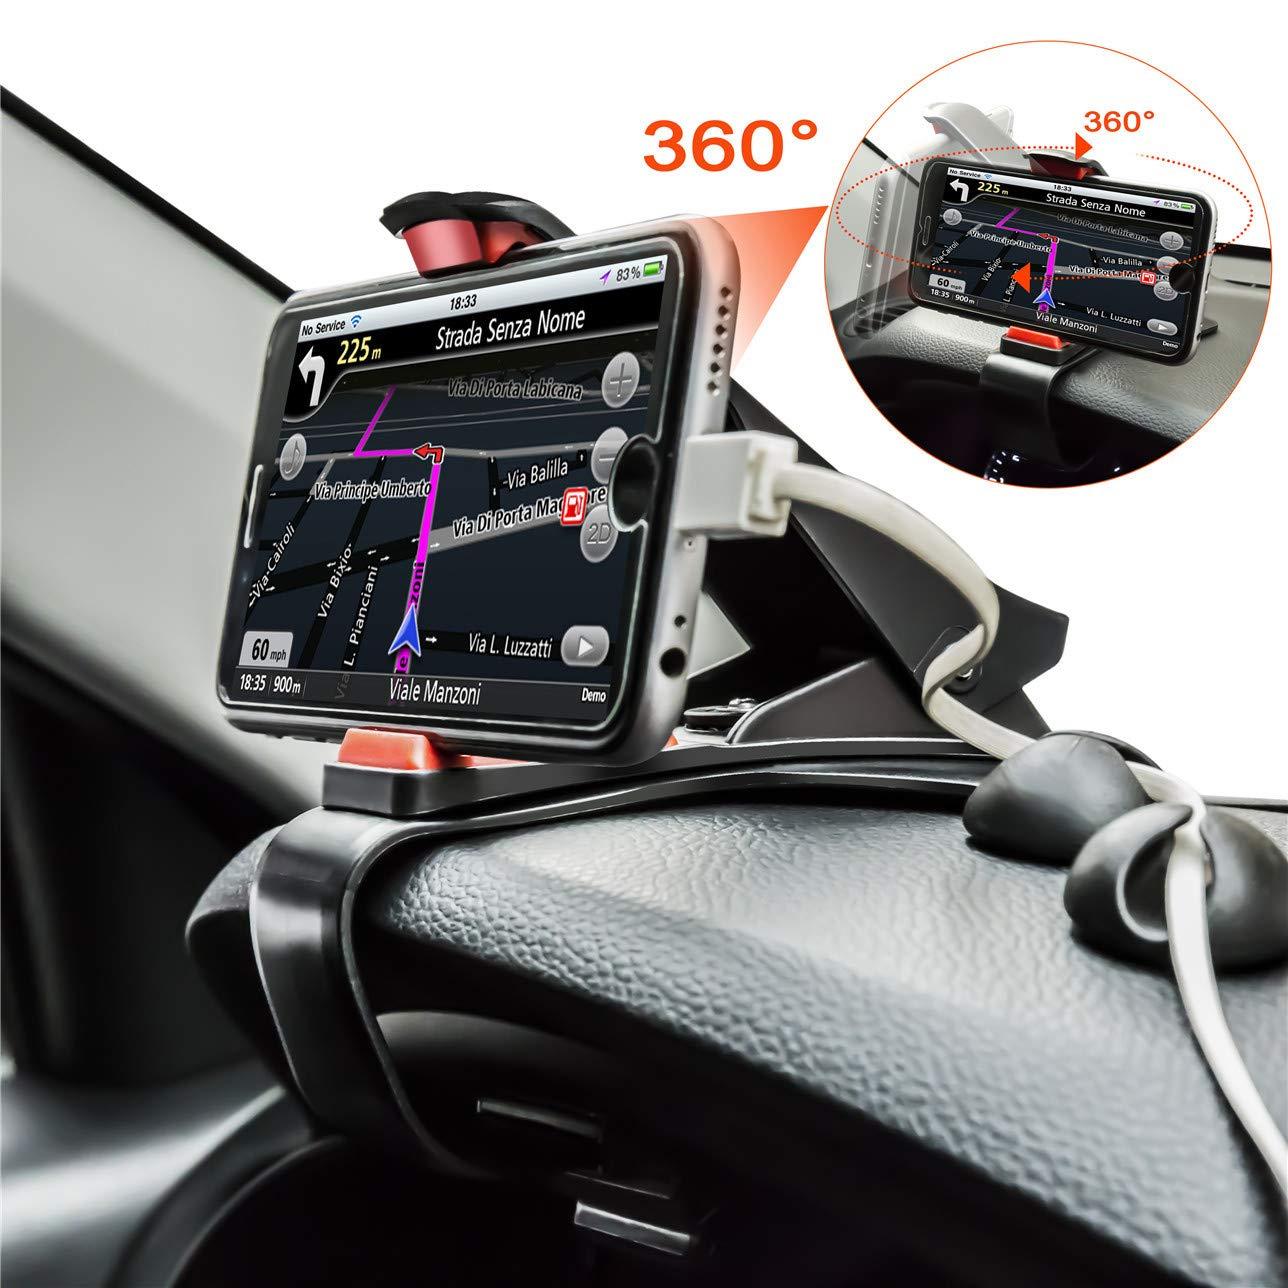 ZOORE 360° Support Téléphone Voiture GPS HUD, Fixation Automobile sur Tableau de Bord Support pour Compatible iPhone X/8/8P/7/7P/6s/6/6P, Huawei, Samsung, HTC - Noir